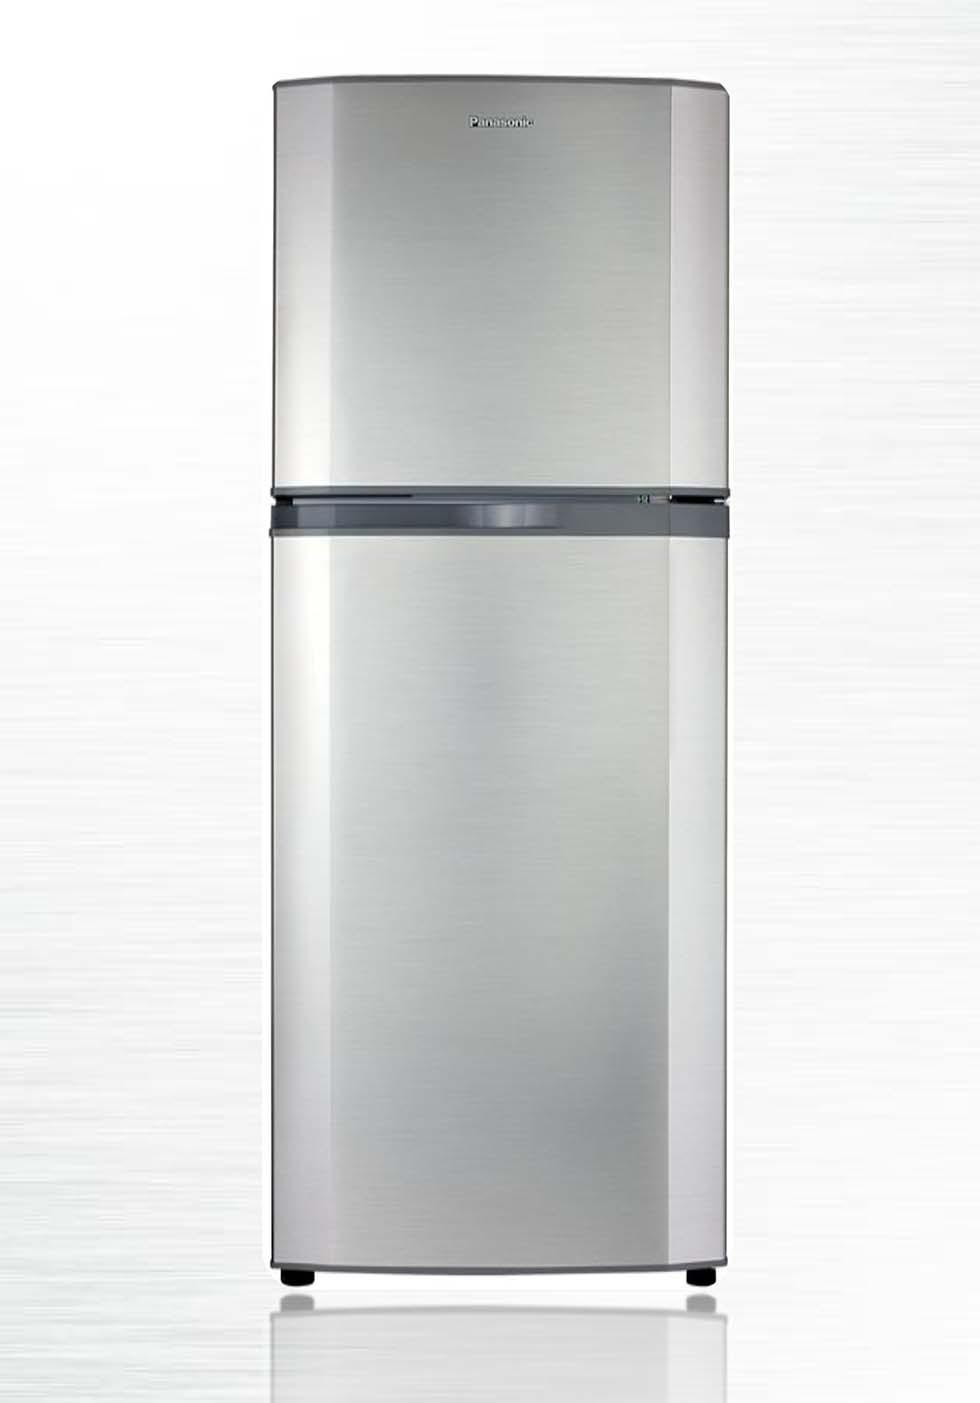 Tủ lạnh Panasonic NR-BM179 152 lít